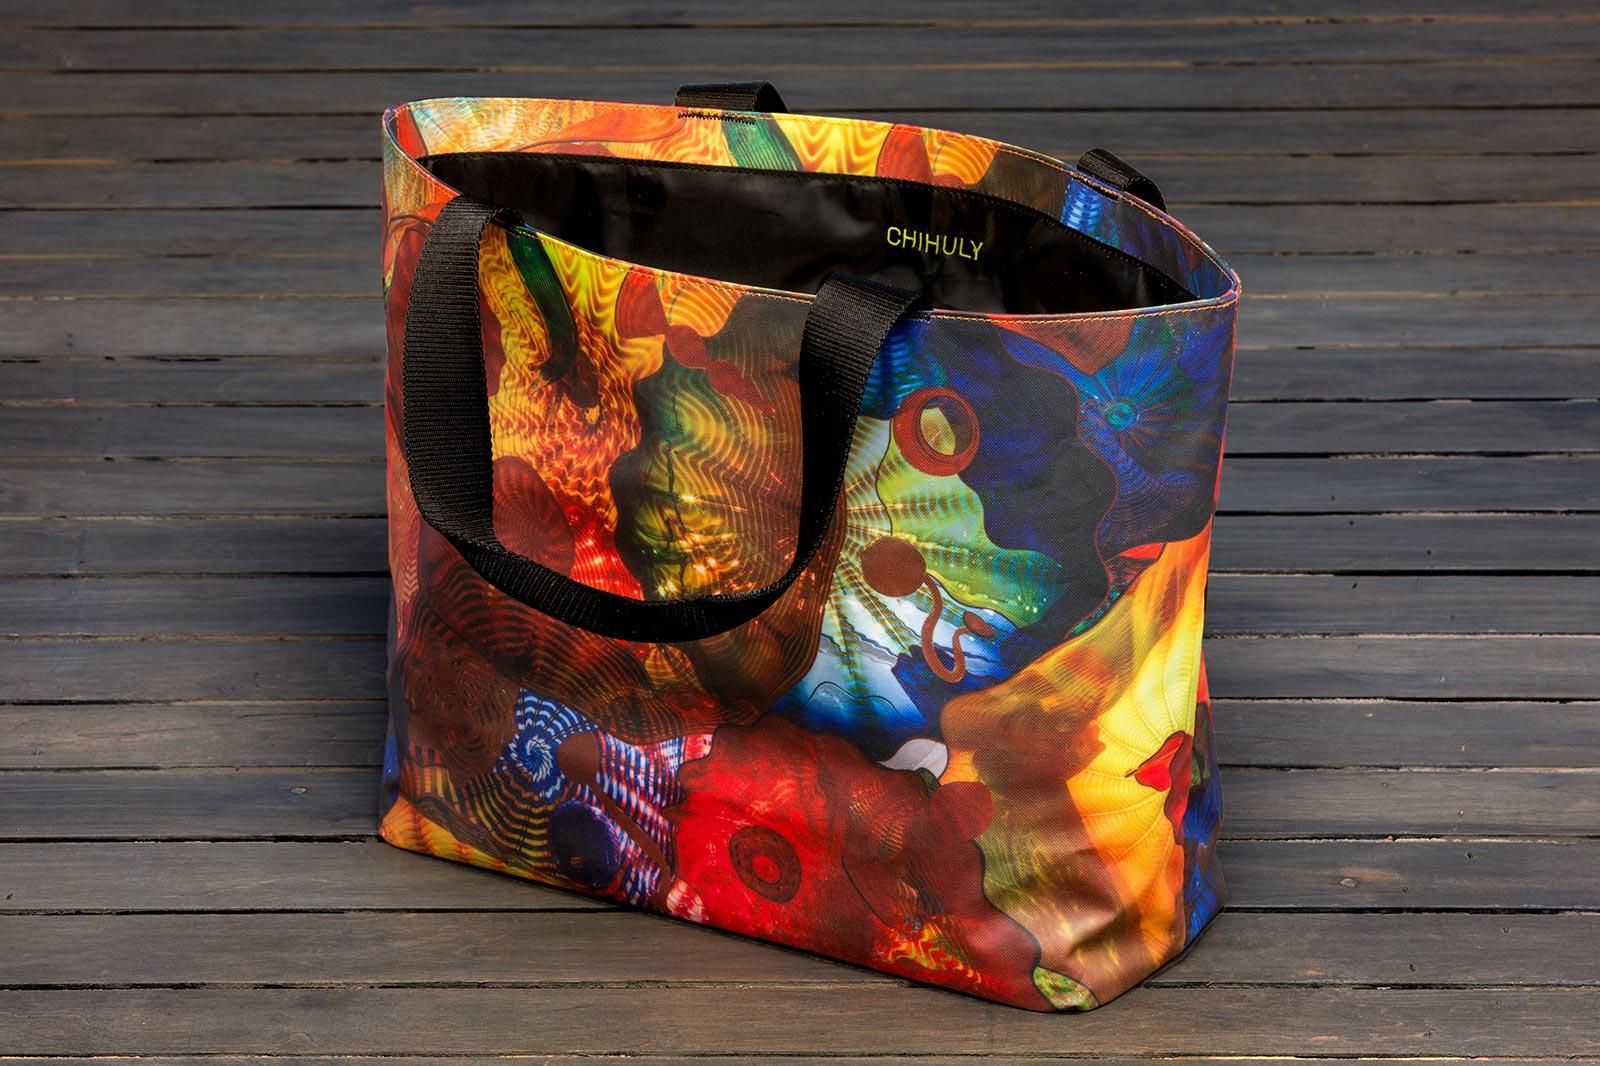 Persian Ceiling Bag - angled - deck.jpg